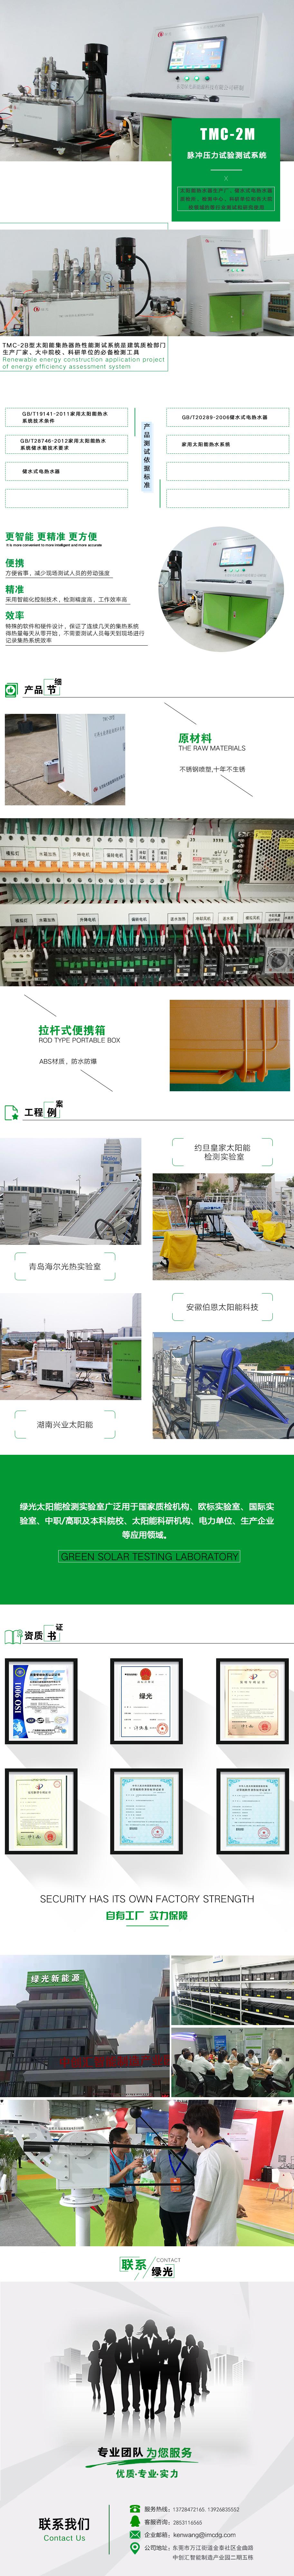 TMC-2M.jpg